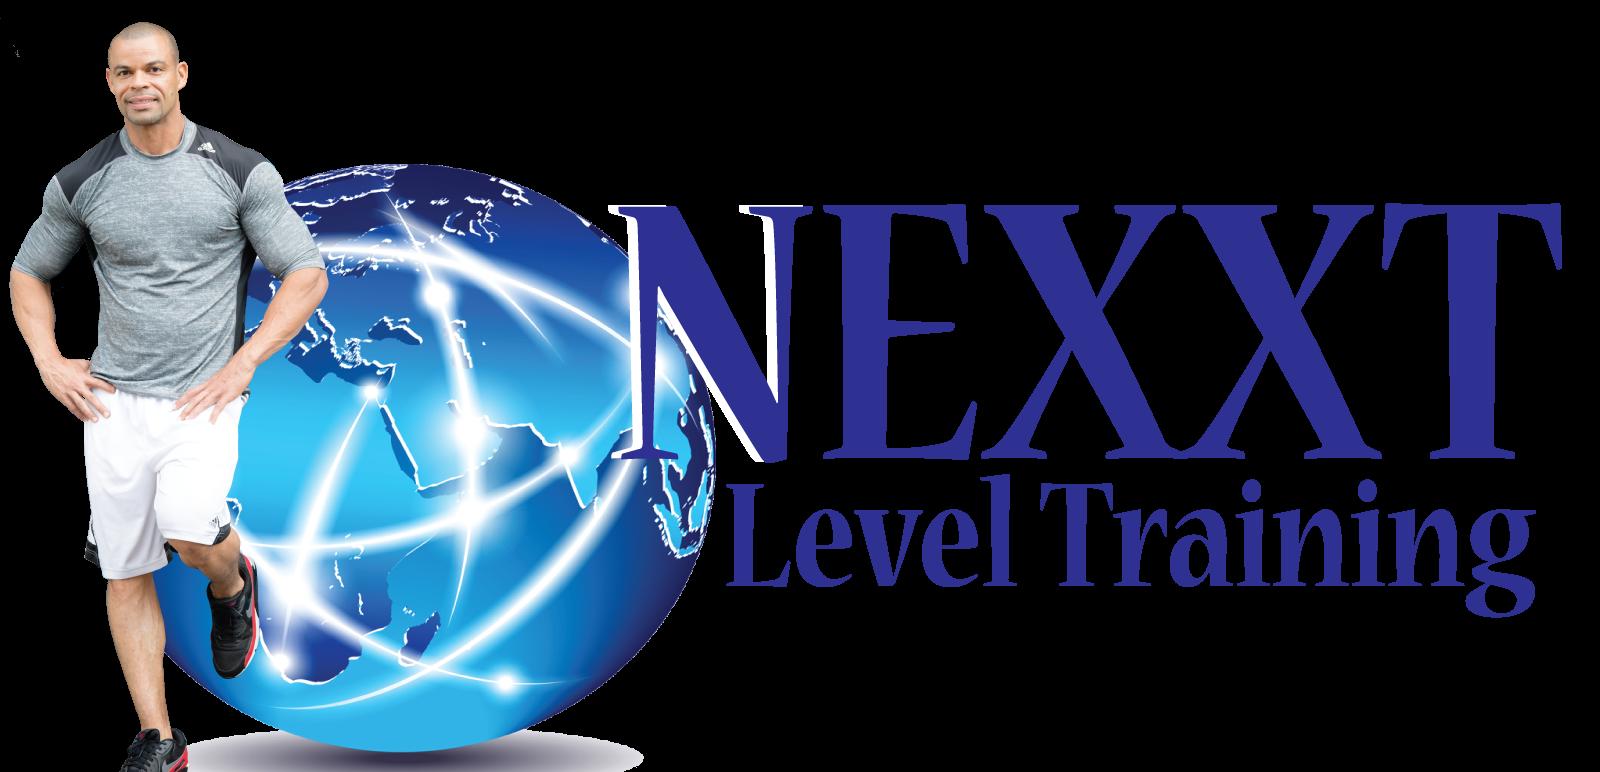 Nexxt Level Training Logo